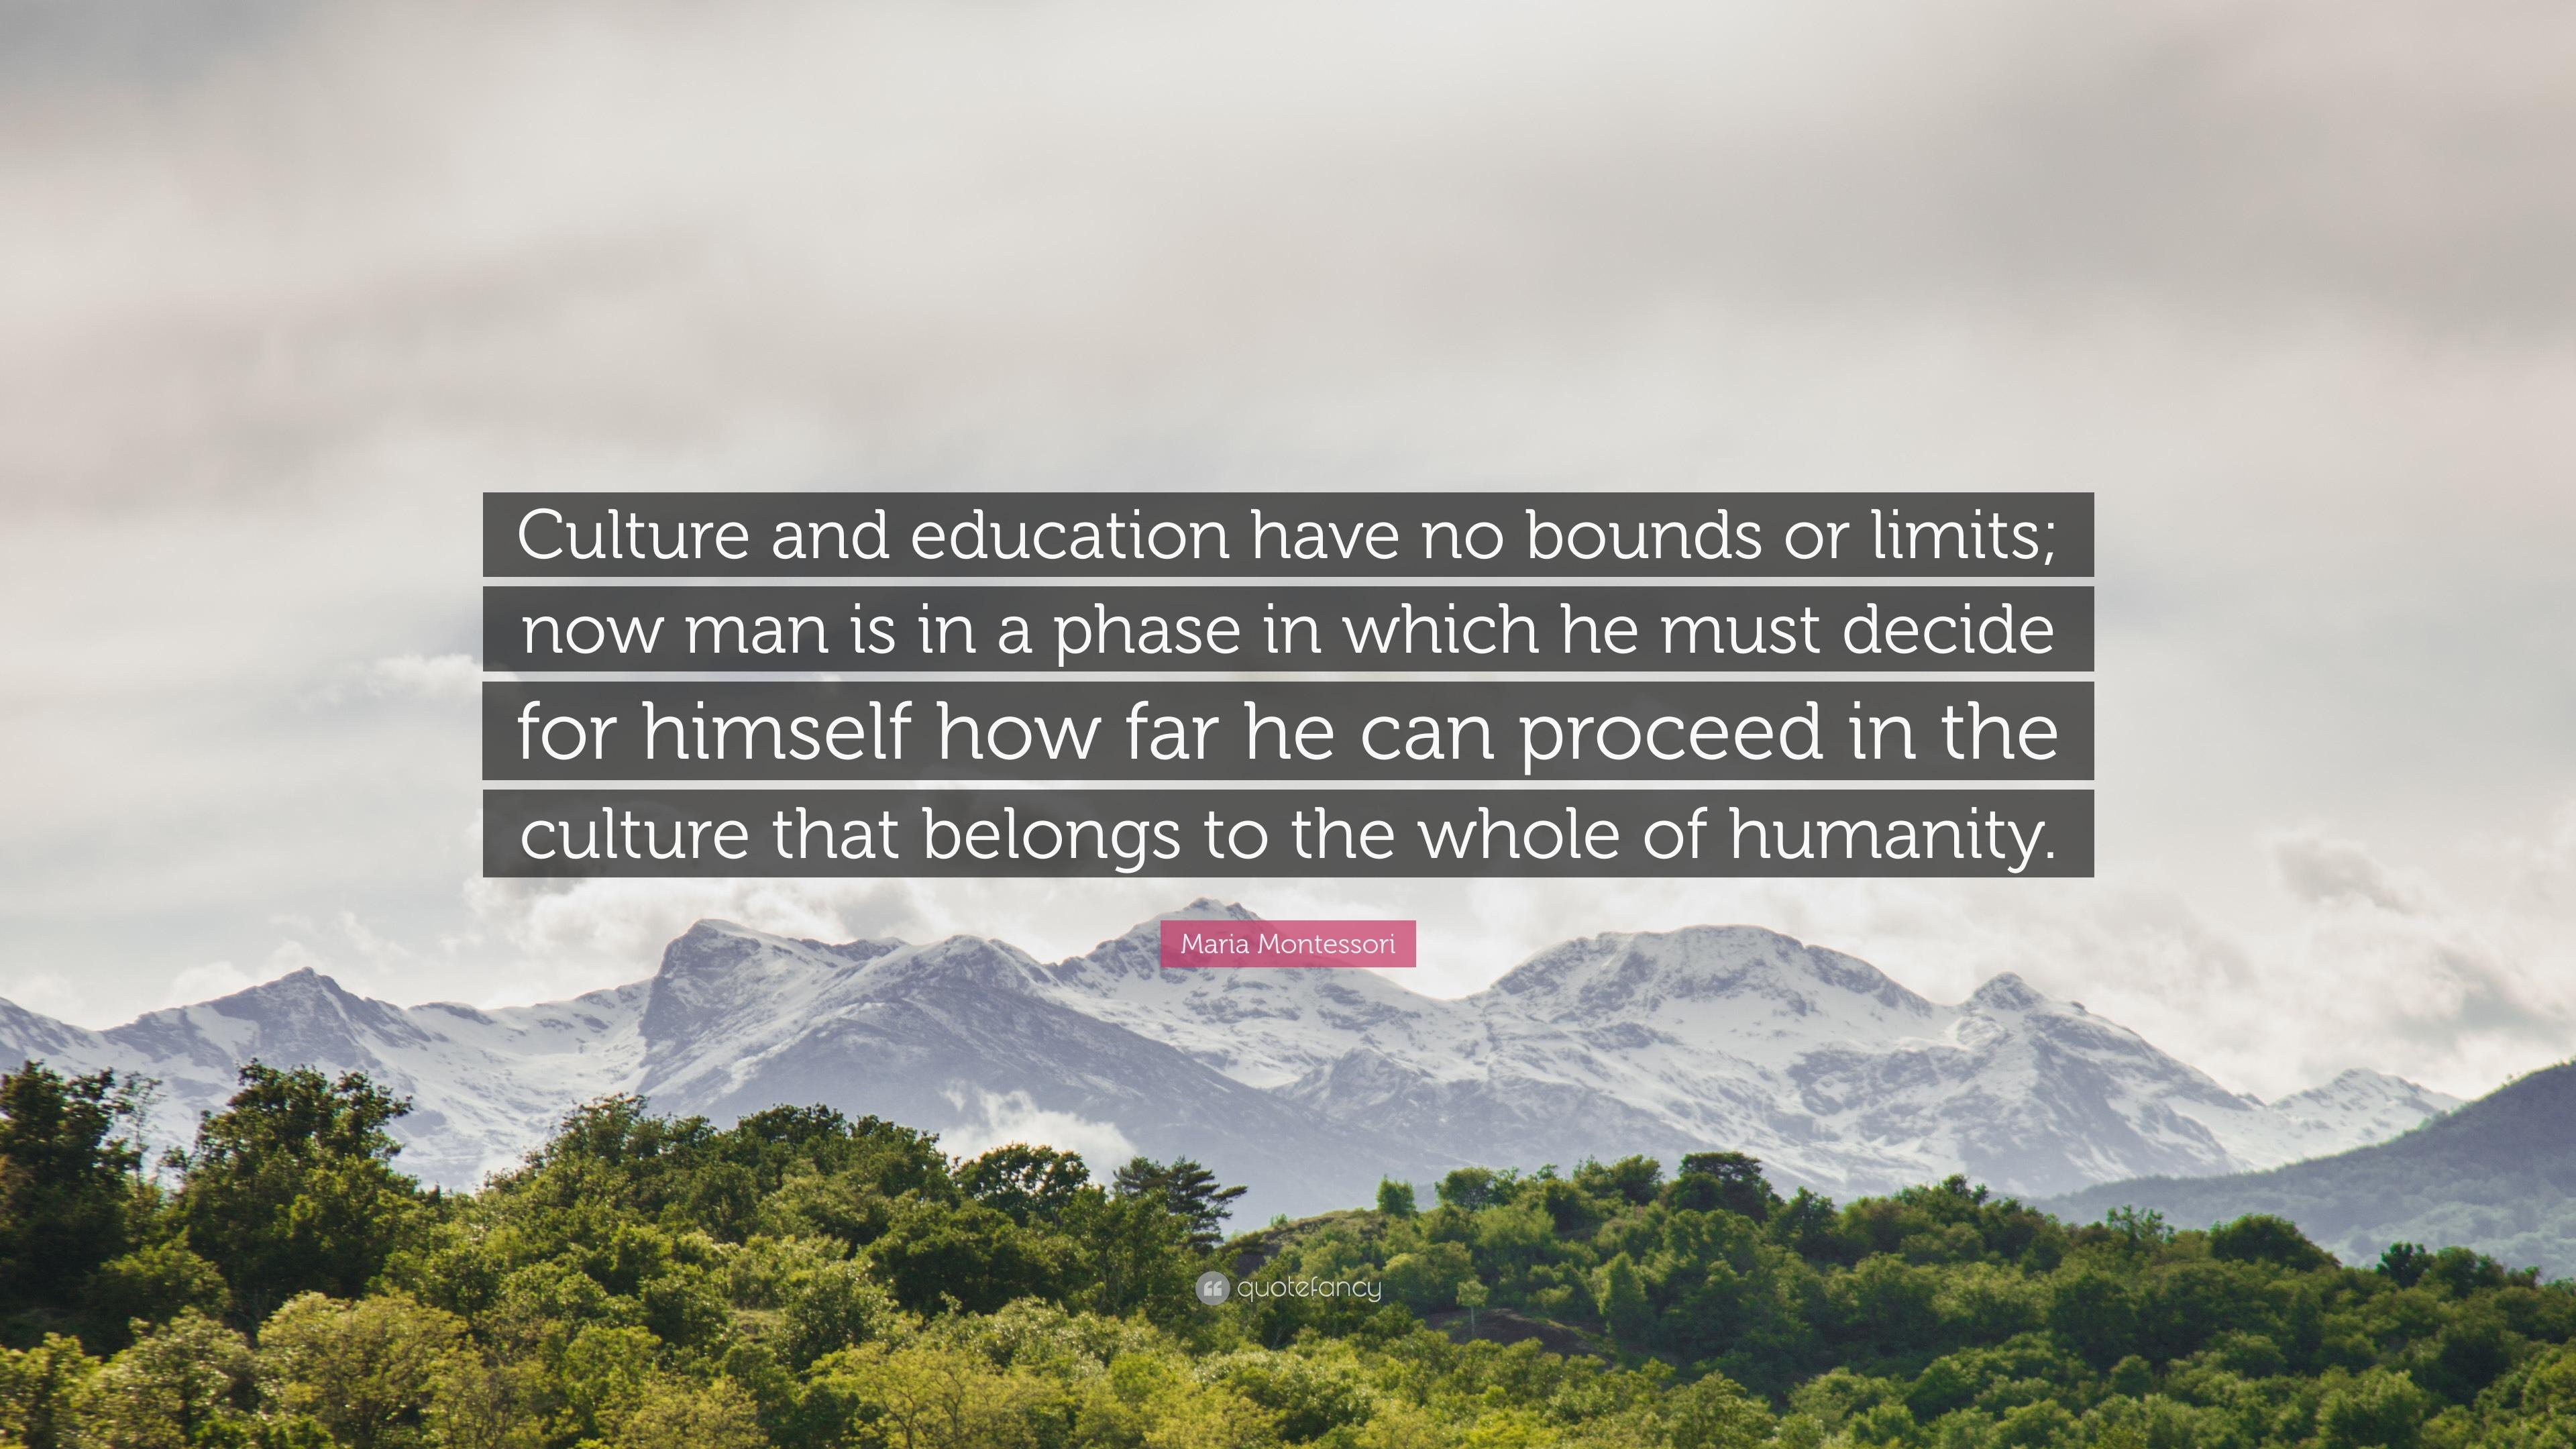 Maria Montessori Quote Culture And Education Have No